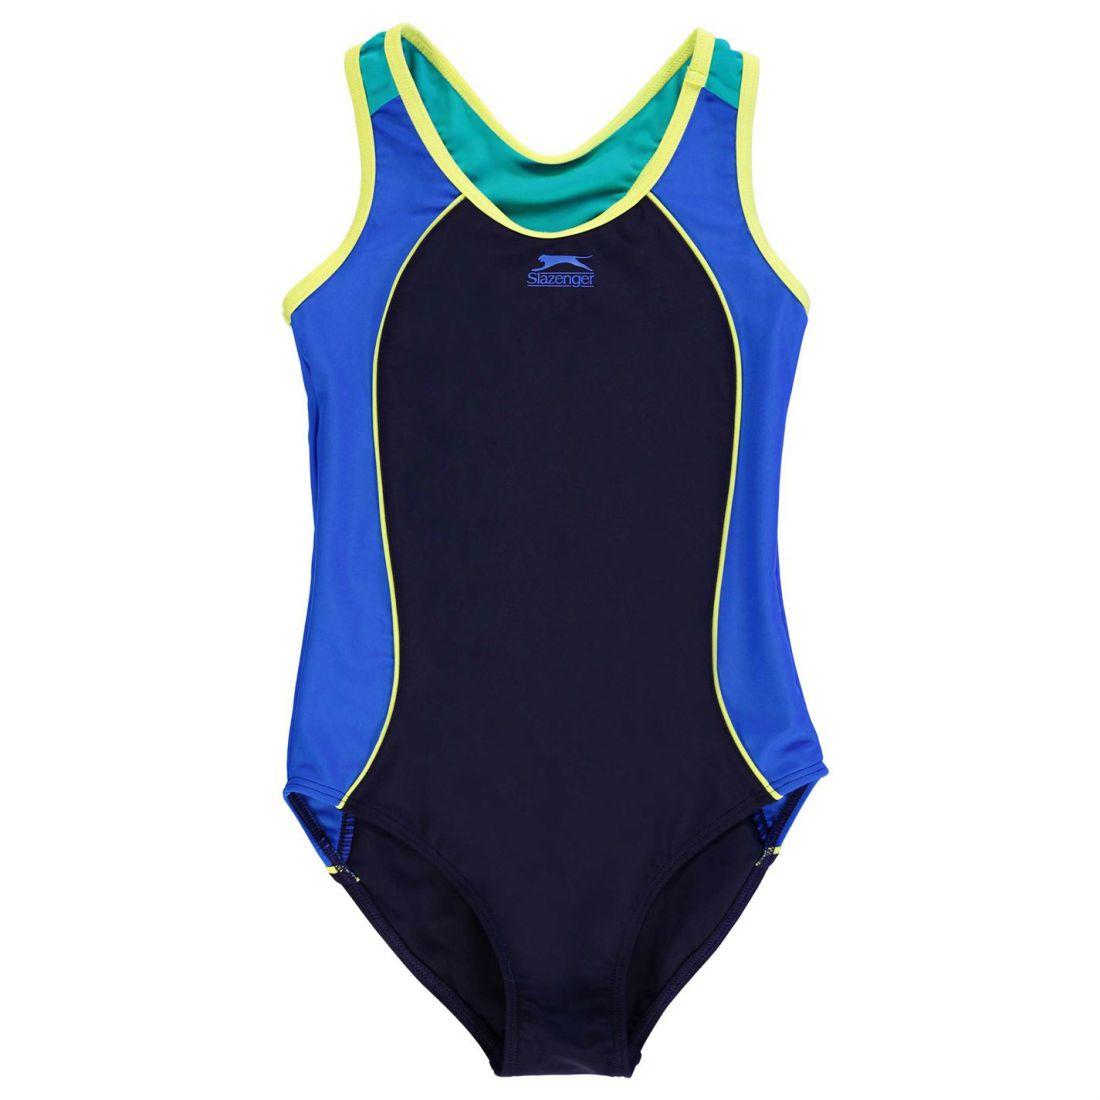 Slazenger Racer Back Suit Junior Swim Swimsuit Casual Girls Children